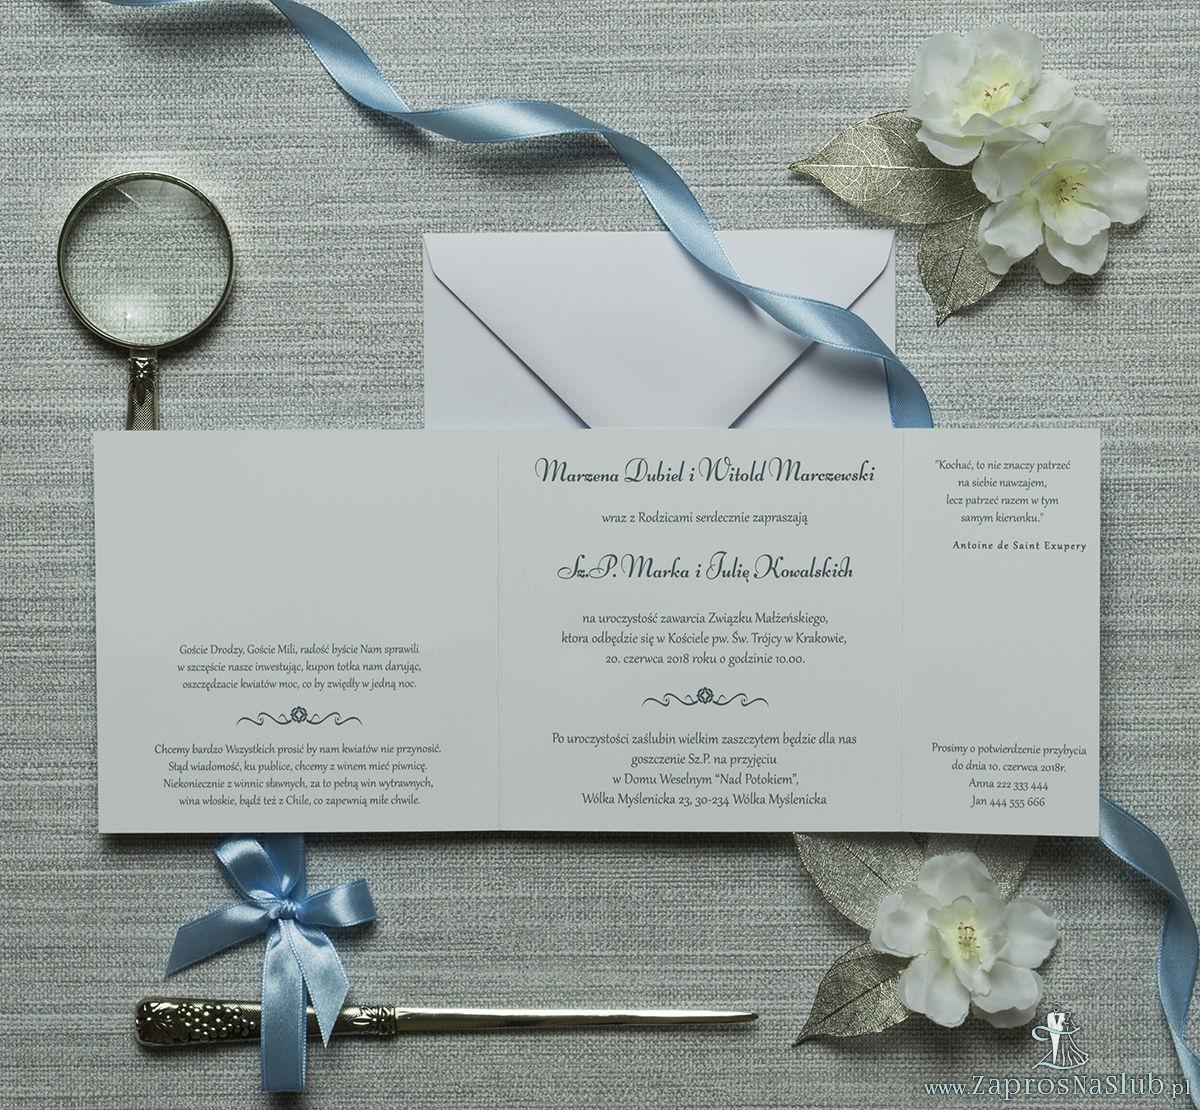 Urocze zaproszenia ślubne z białymi kropkami na błekitnym tle oraz jasnobłękitną wstążką. ZAP-81-03